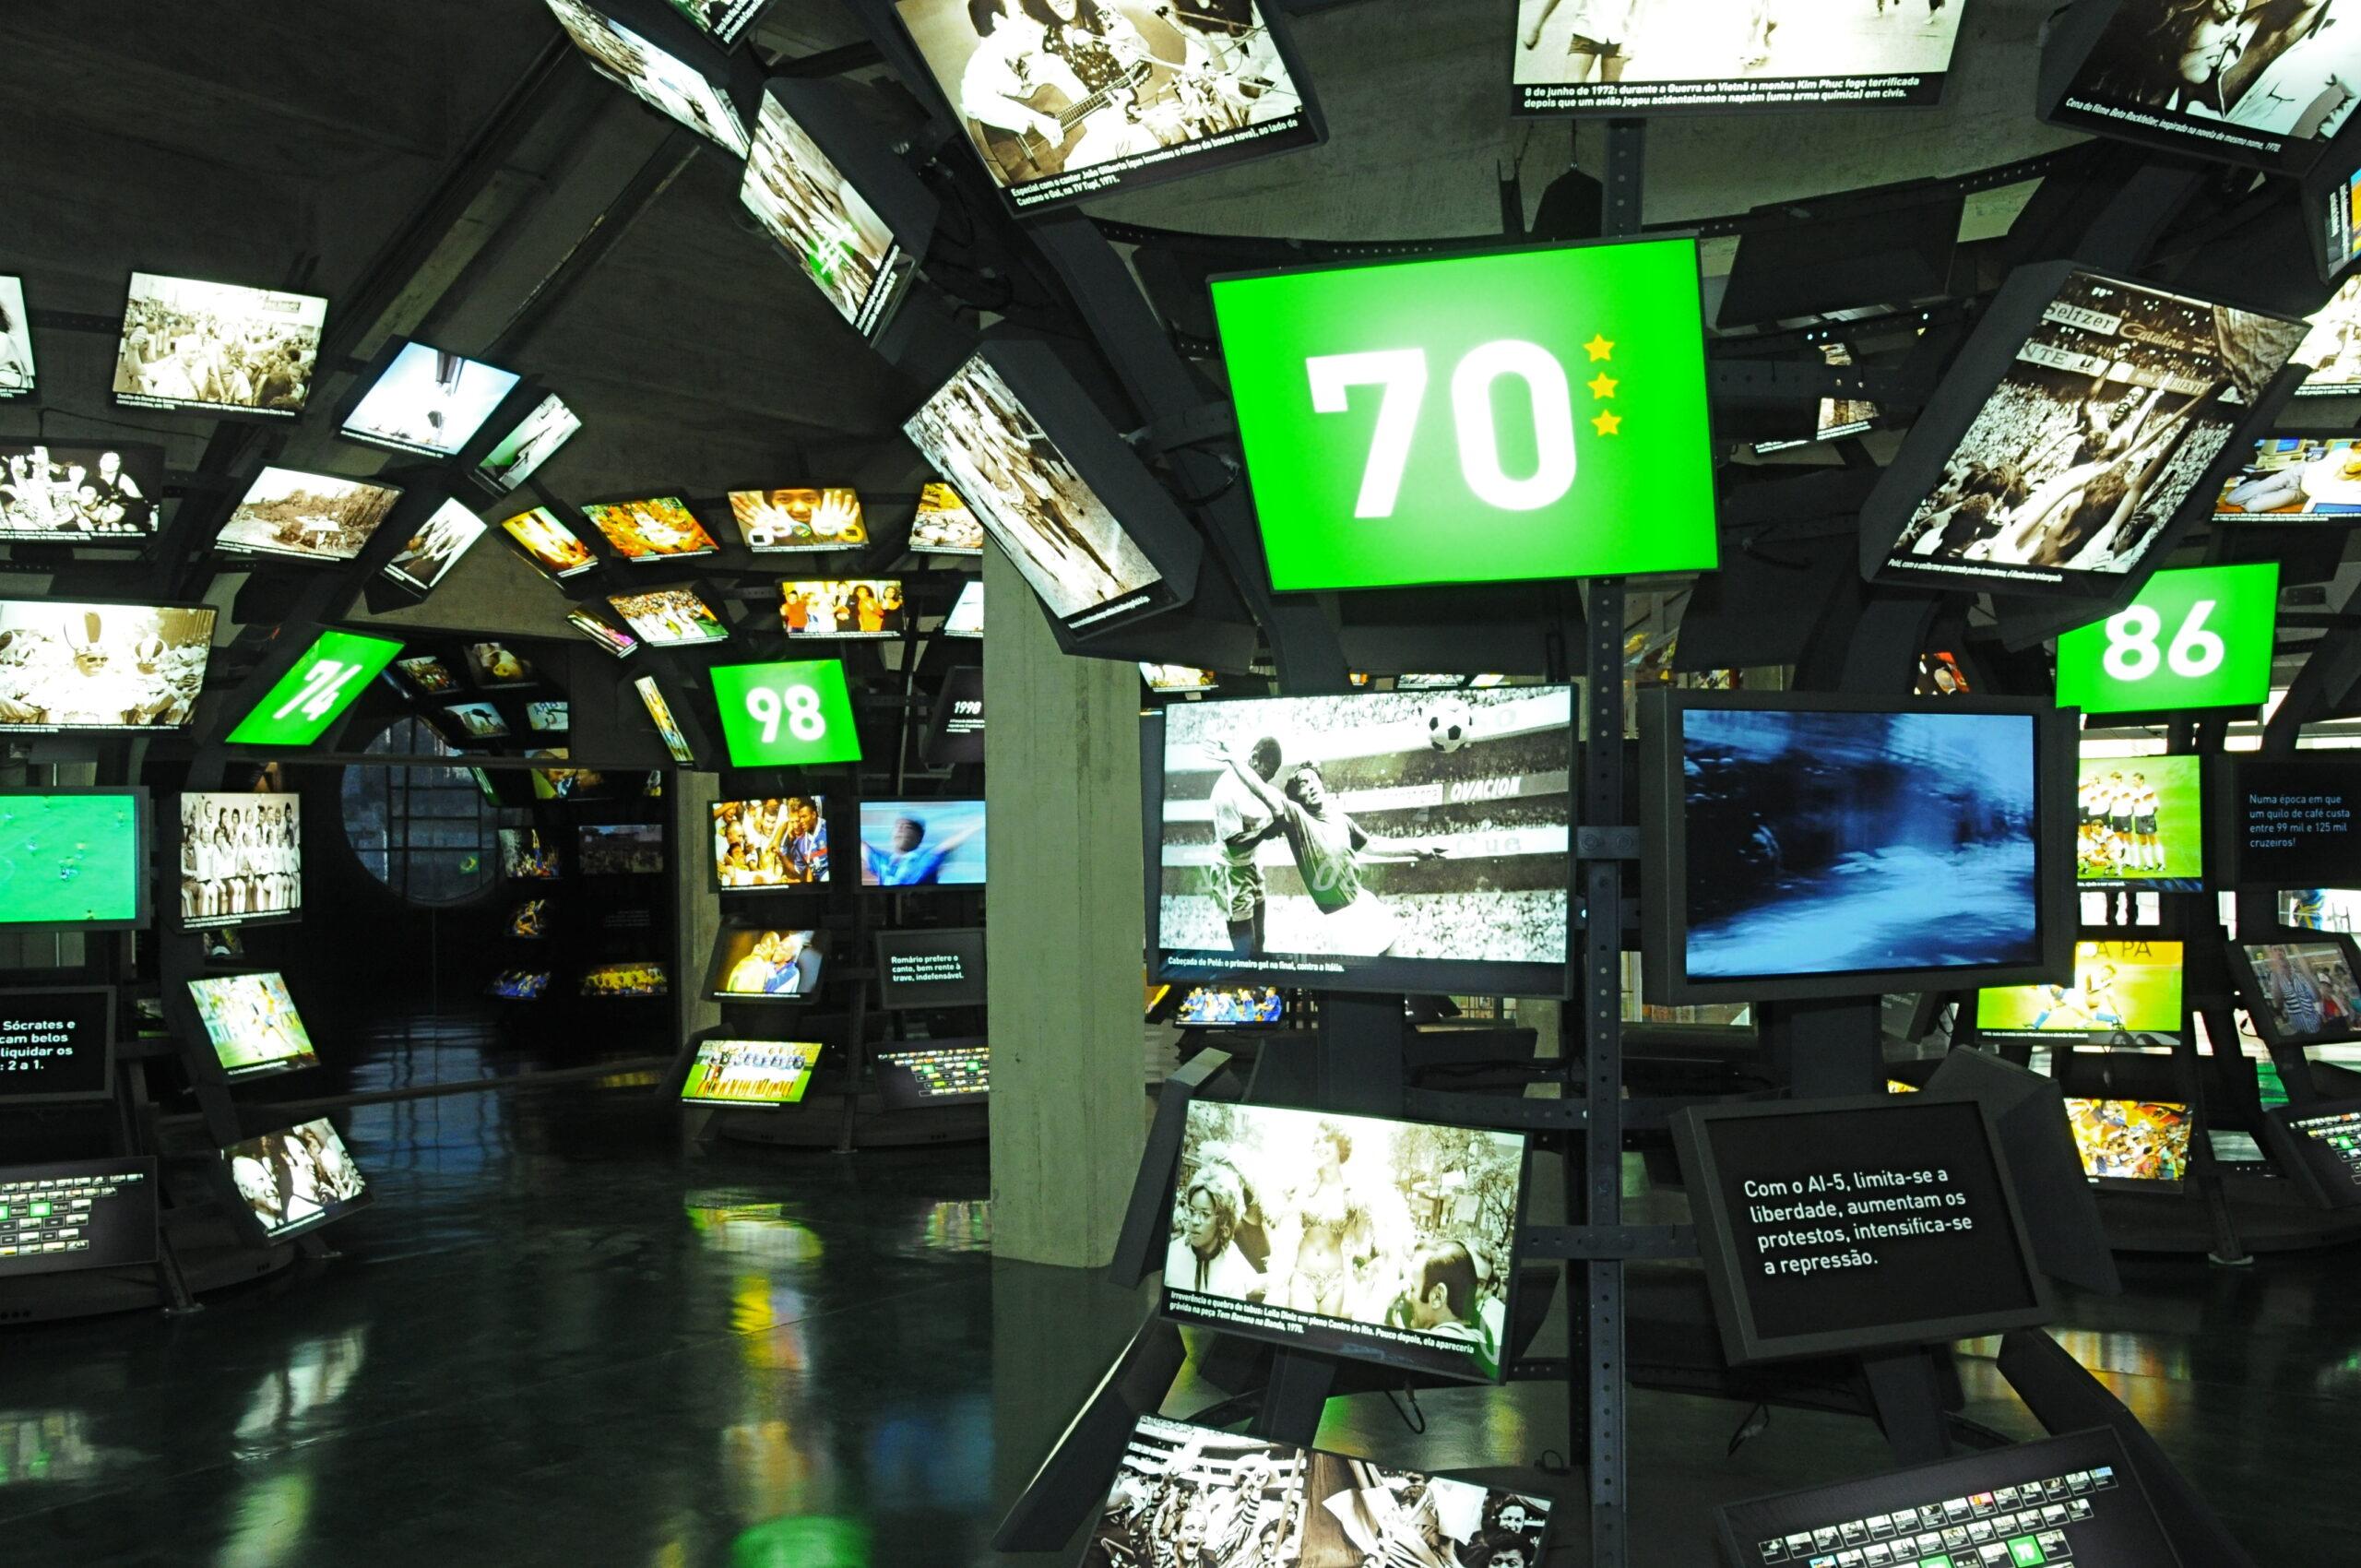 Sala com vários televisores contando a história das copas. Logo na frente, o número 70 em referência a copa de 1970